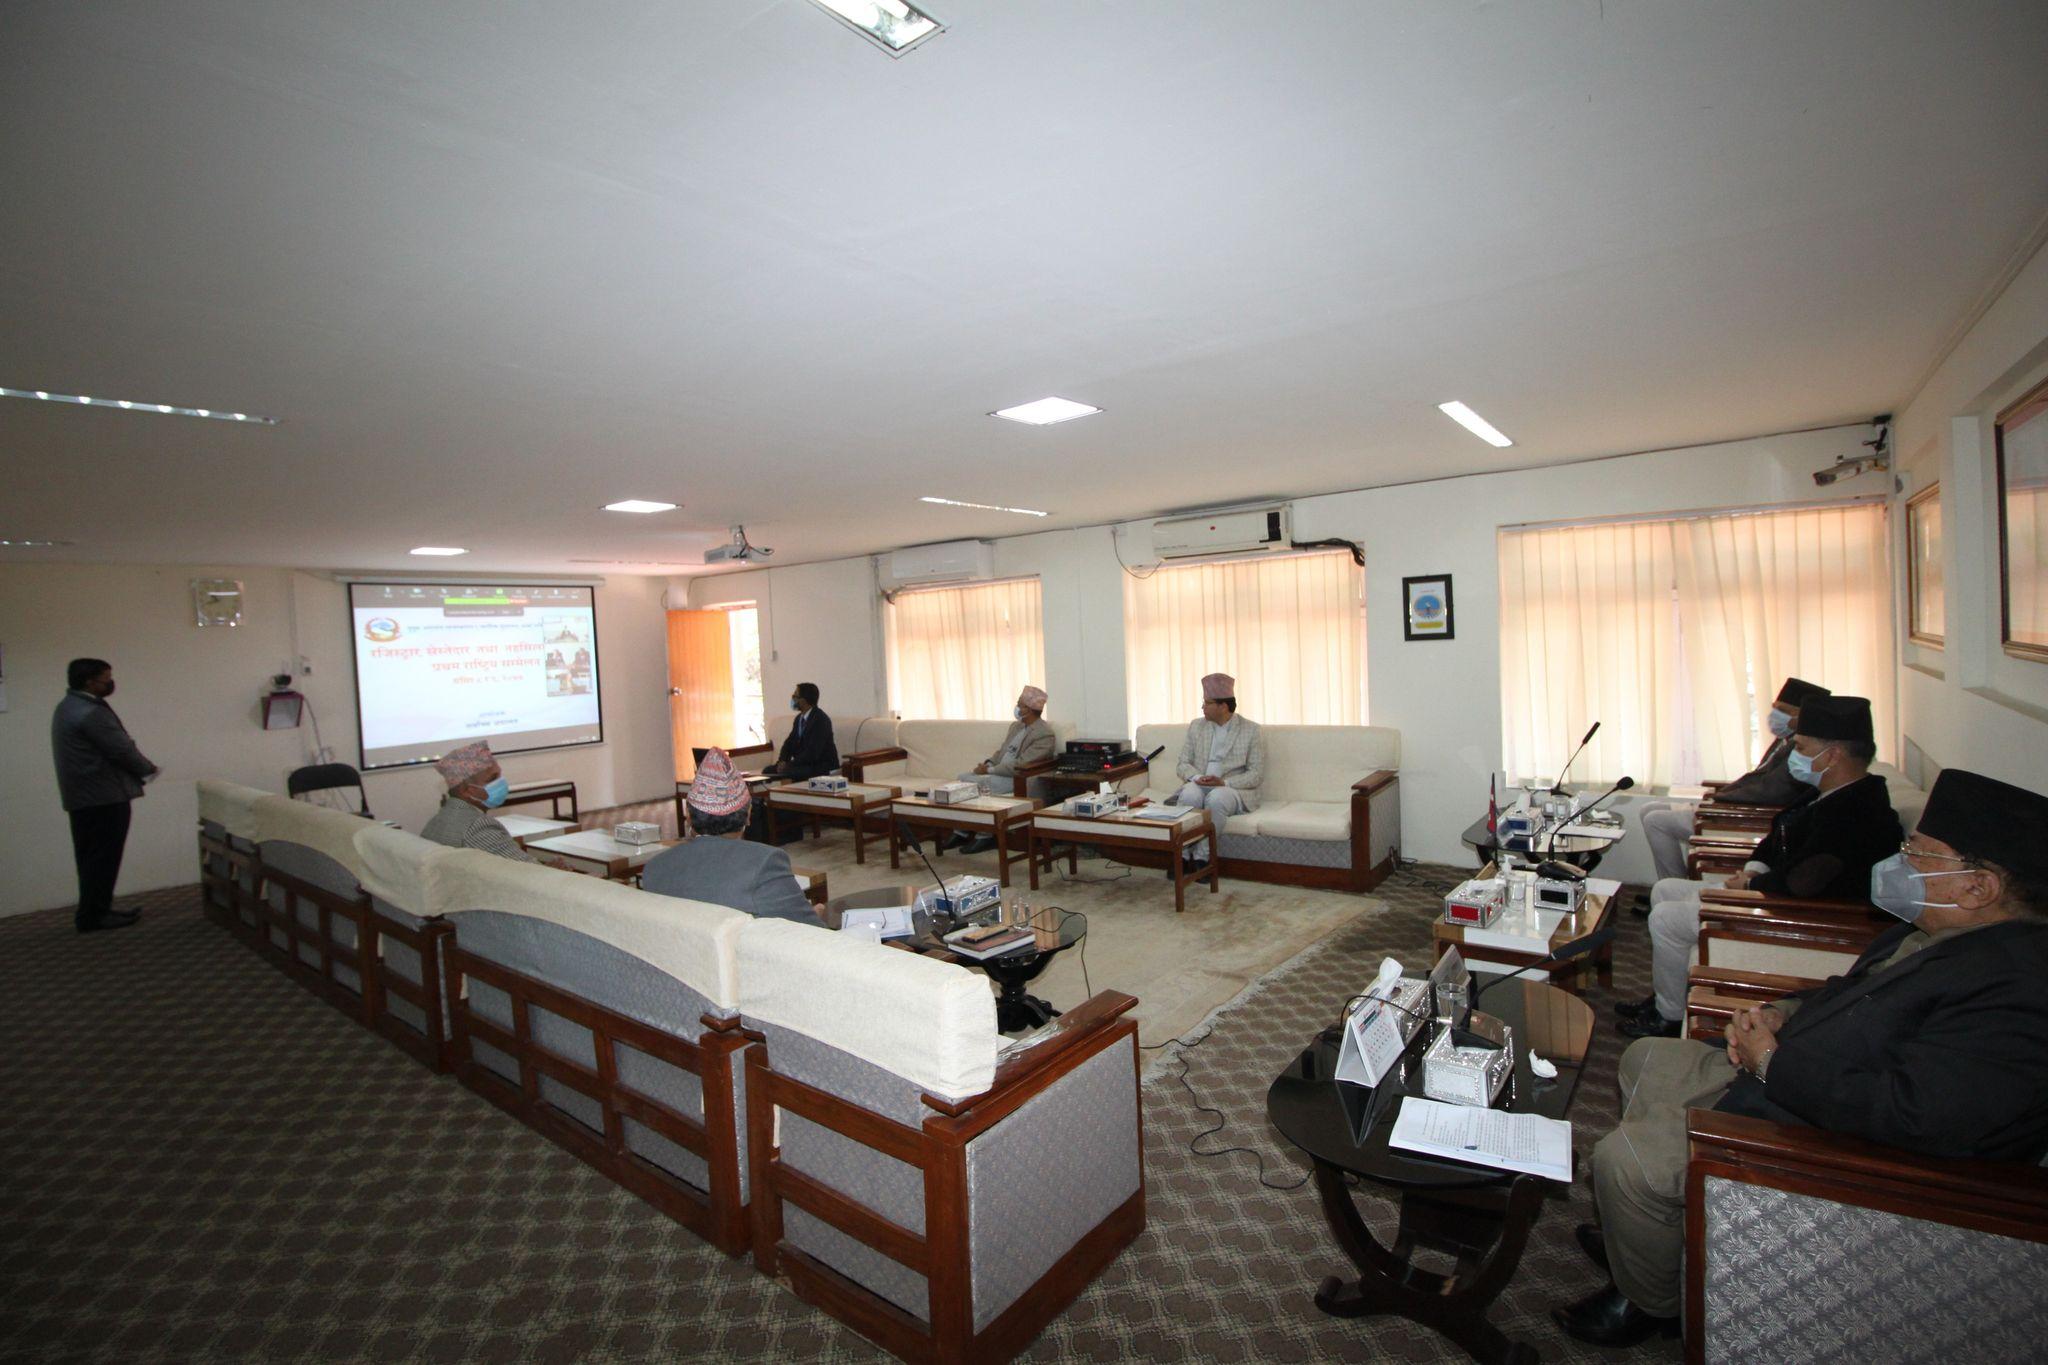 न्यायपालिकाका कर्मचारीको सम्मेलन सम्पन्न, २५ बुँद्दे घोषणापत्र जारी